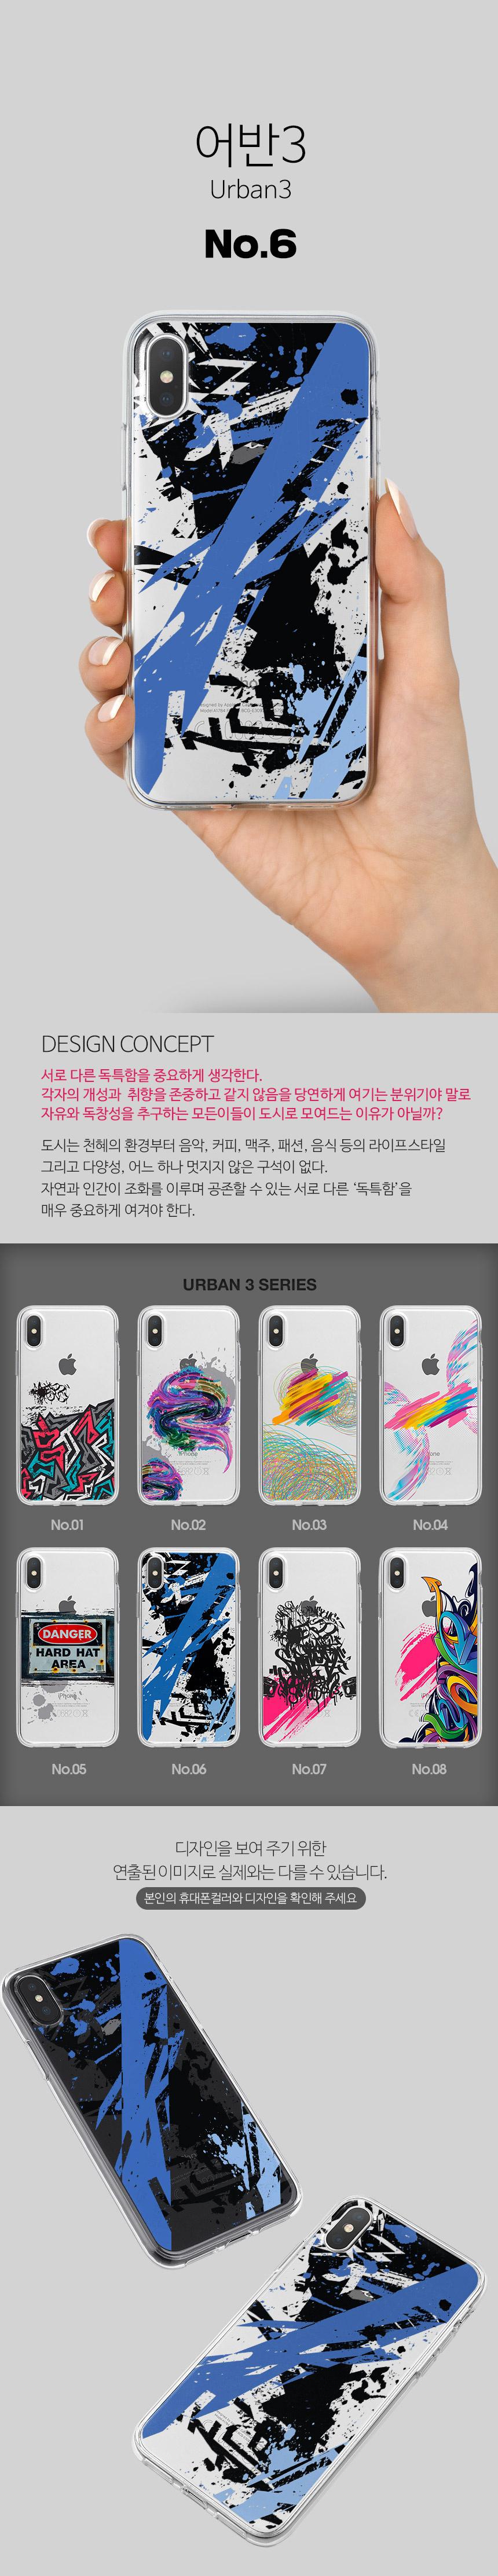 기키(GEEKY) [투명] phone case Urban3 No.6